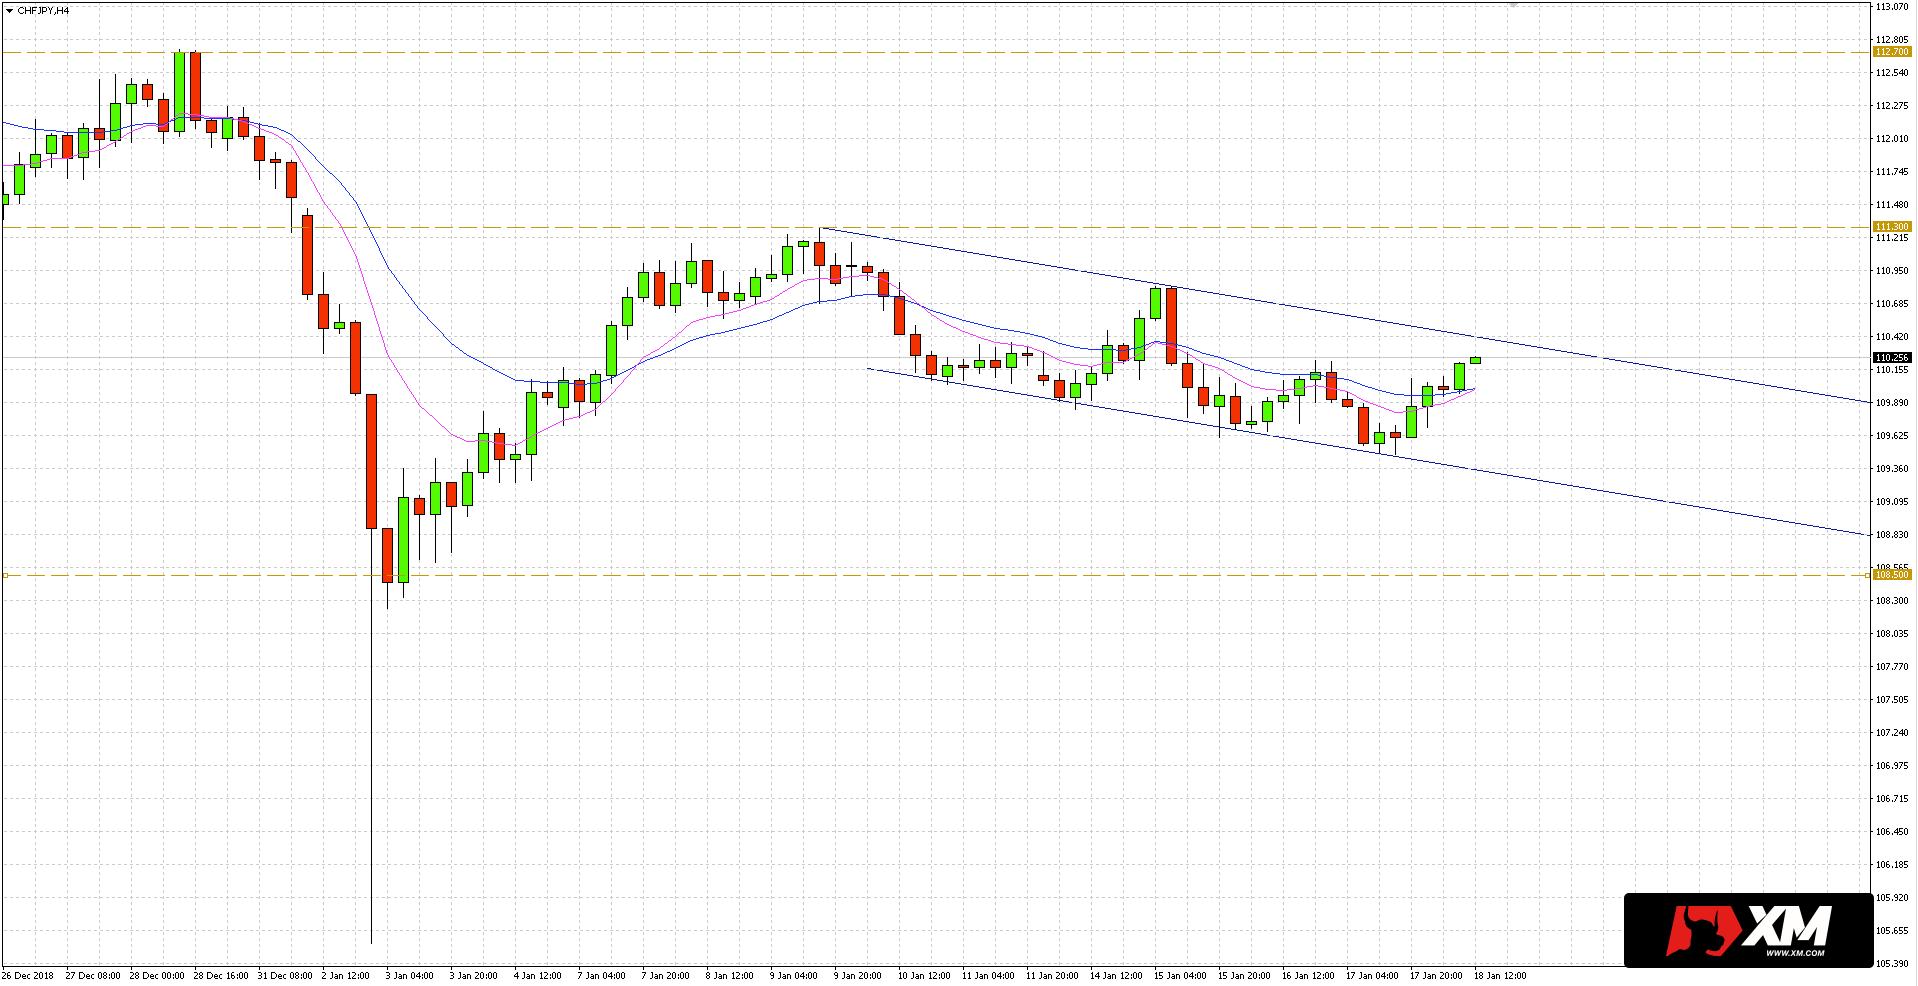 Po (skutecznym) pokonaniu oporu kanału na CHF/JPY, cena może zmierzać do obszaru oporu blisko 111.30/55.